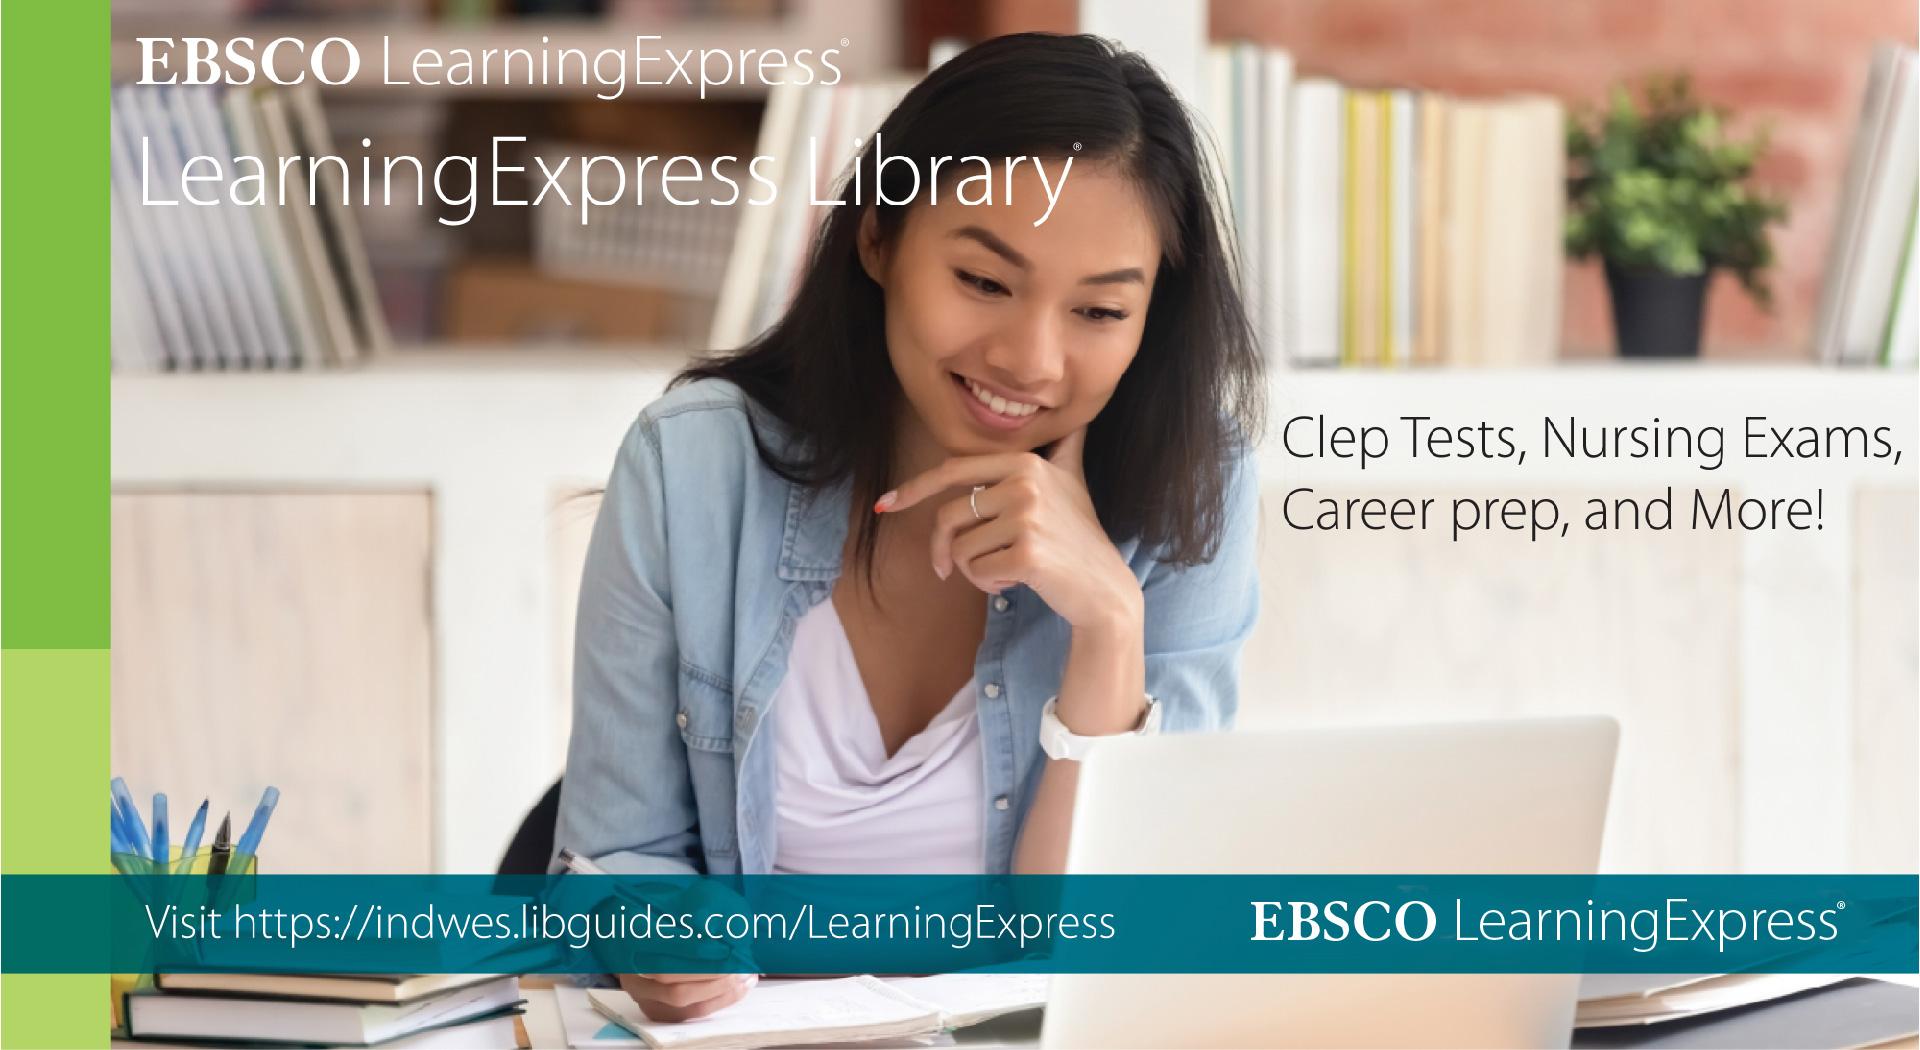 EBSCO LearningExpress